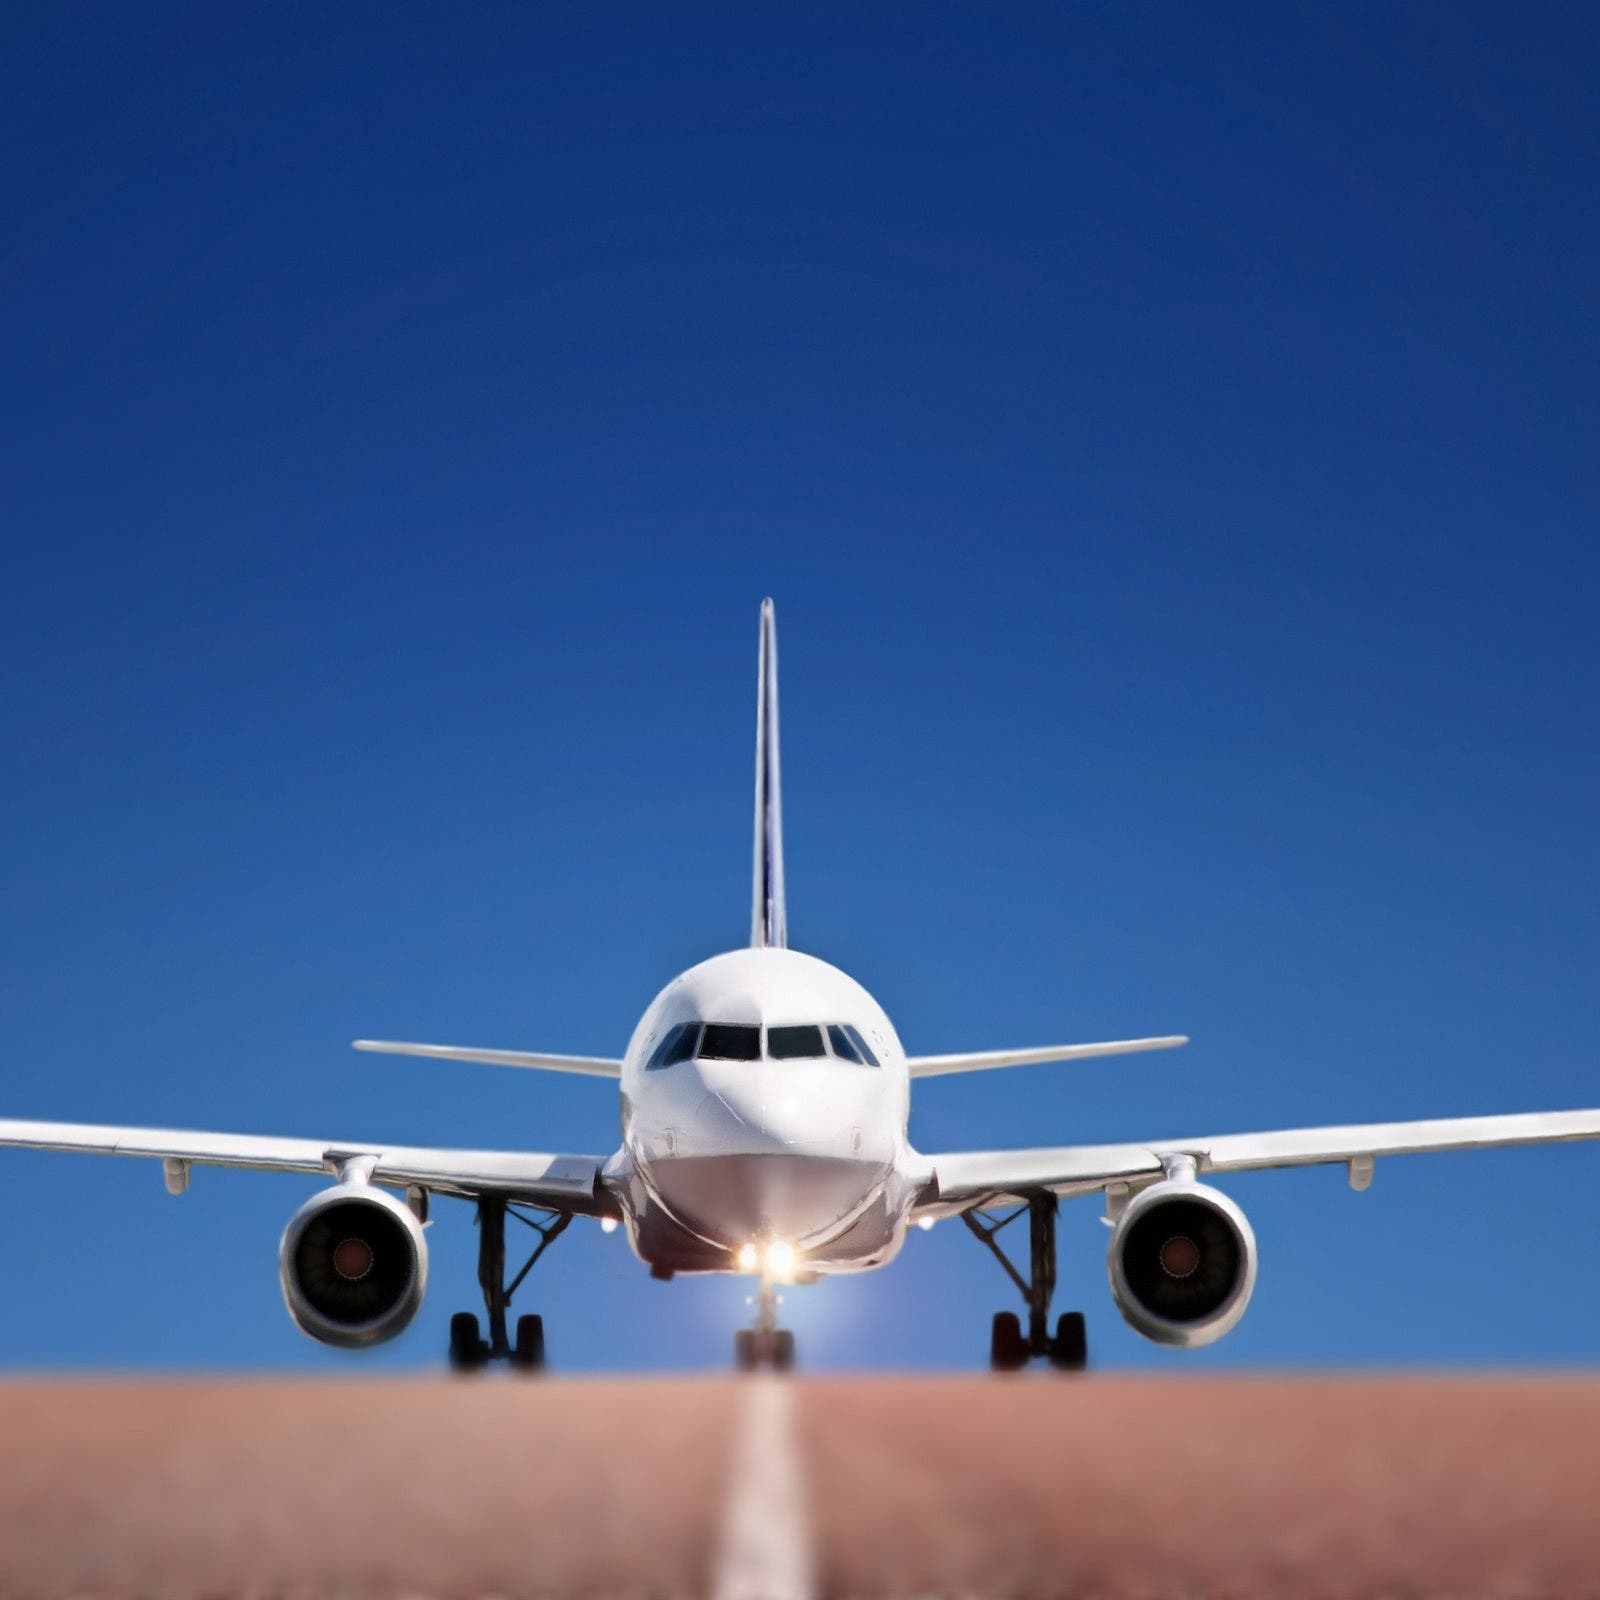 وصول أطول رحلة تجارية في العالم لمطار نيوآرك